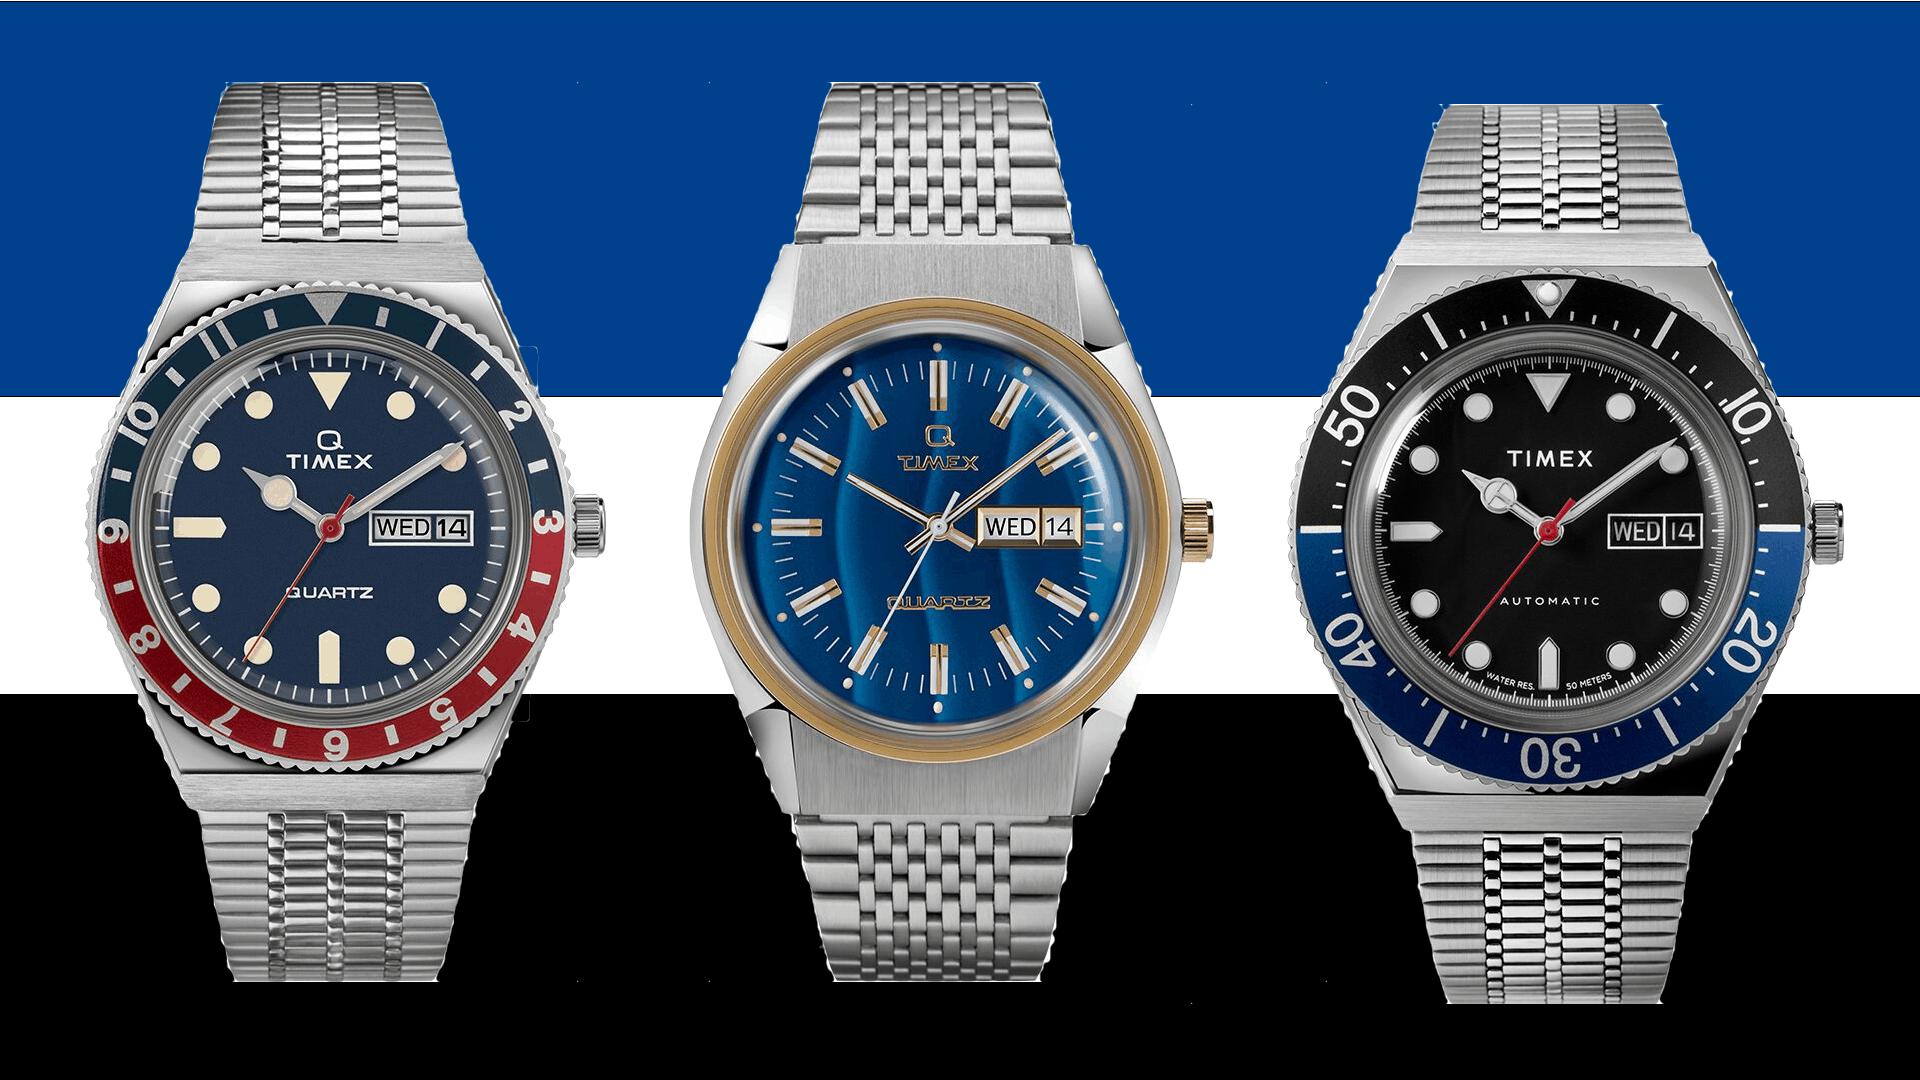 Timex Q Reissue Watches